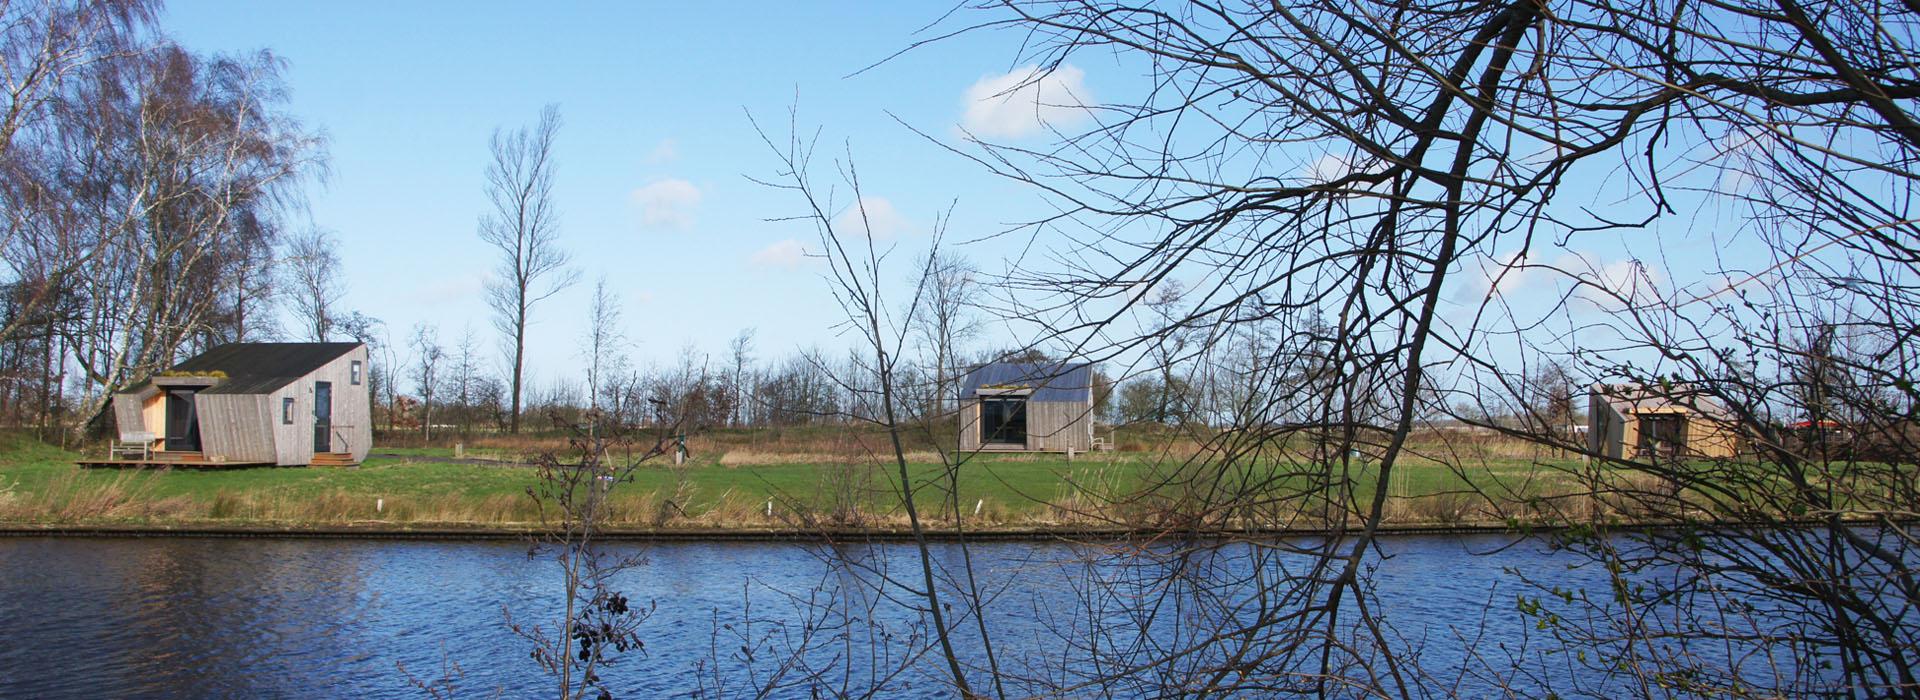 vakantie - friesland - vakantiepark - Ljeppershiem - tiny house-3